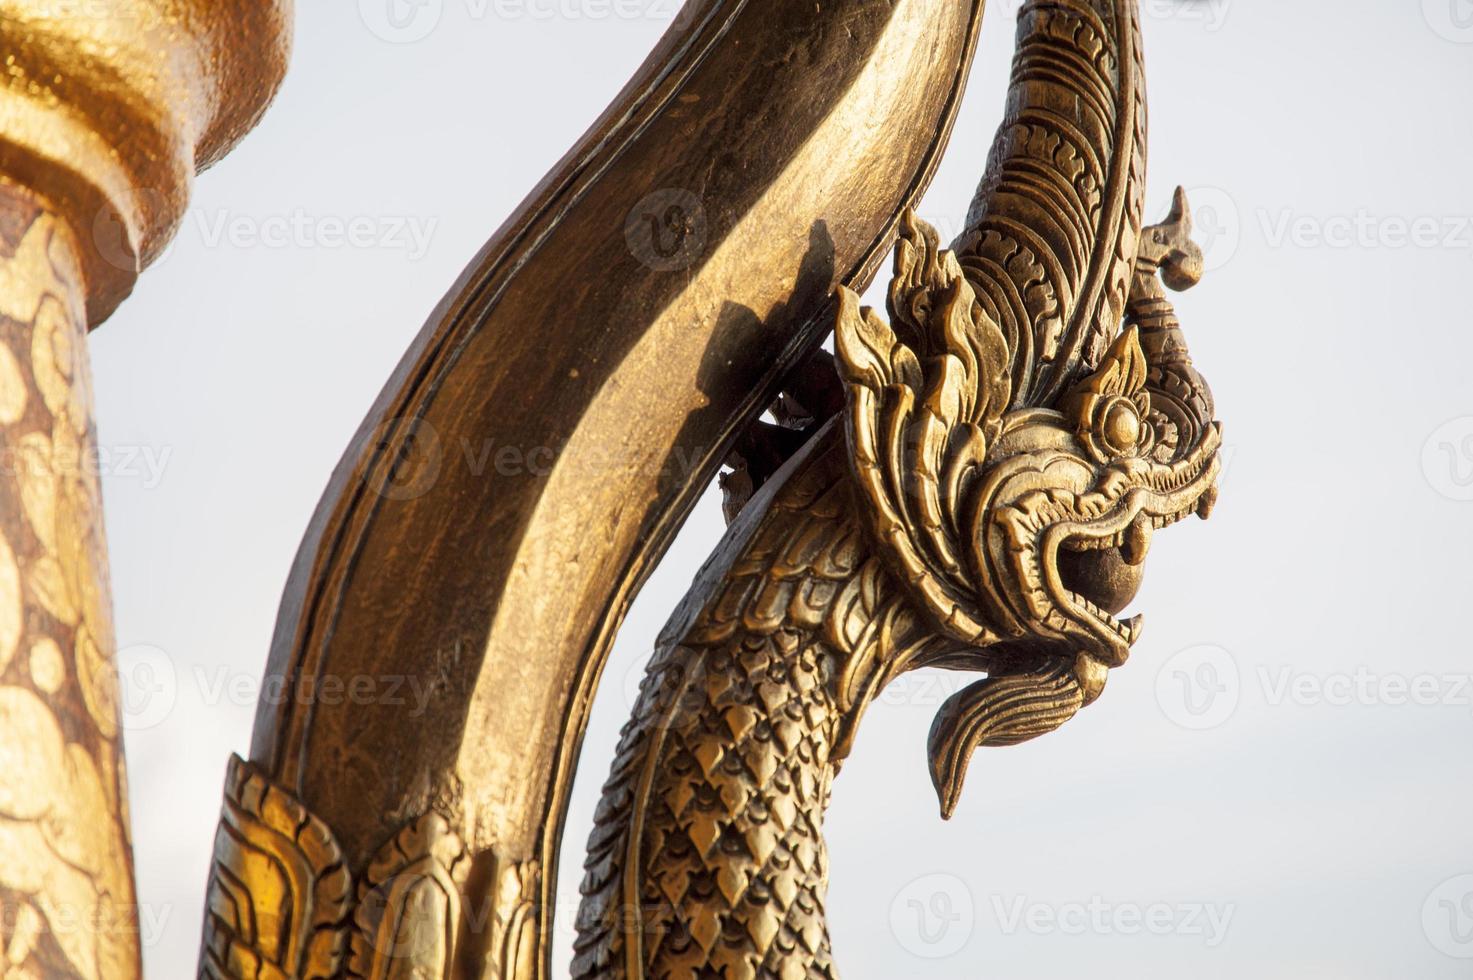 Cerrar esculturas y estatuas del templo foto